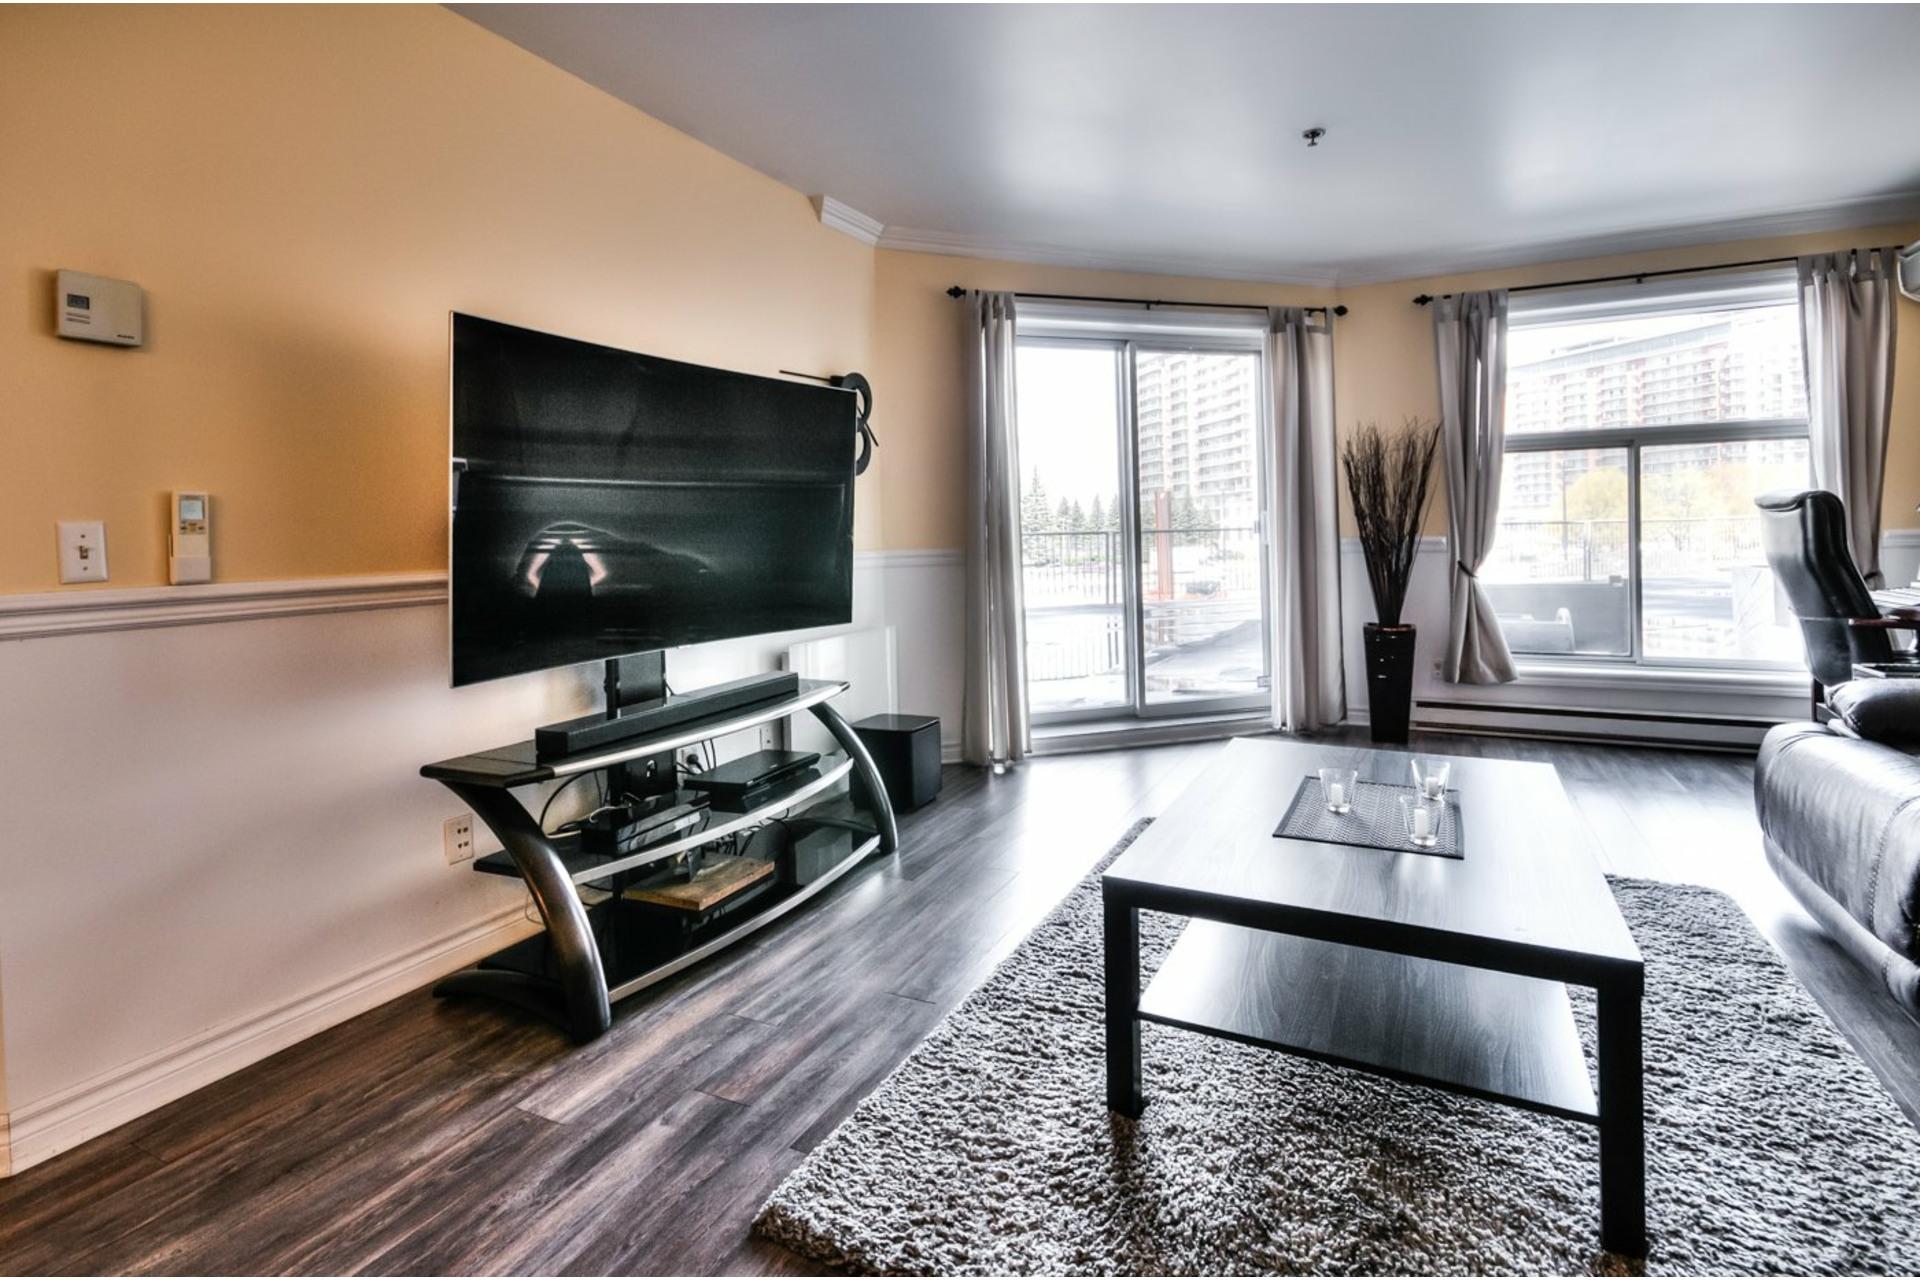 image 8 - Appartement À vendre Brossard - 5 pièces